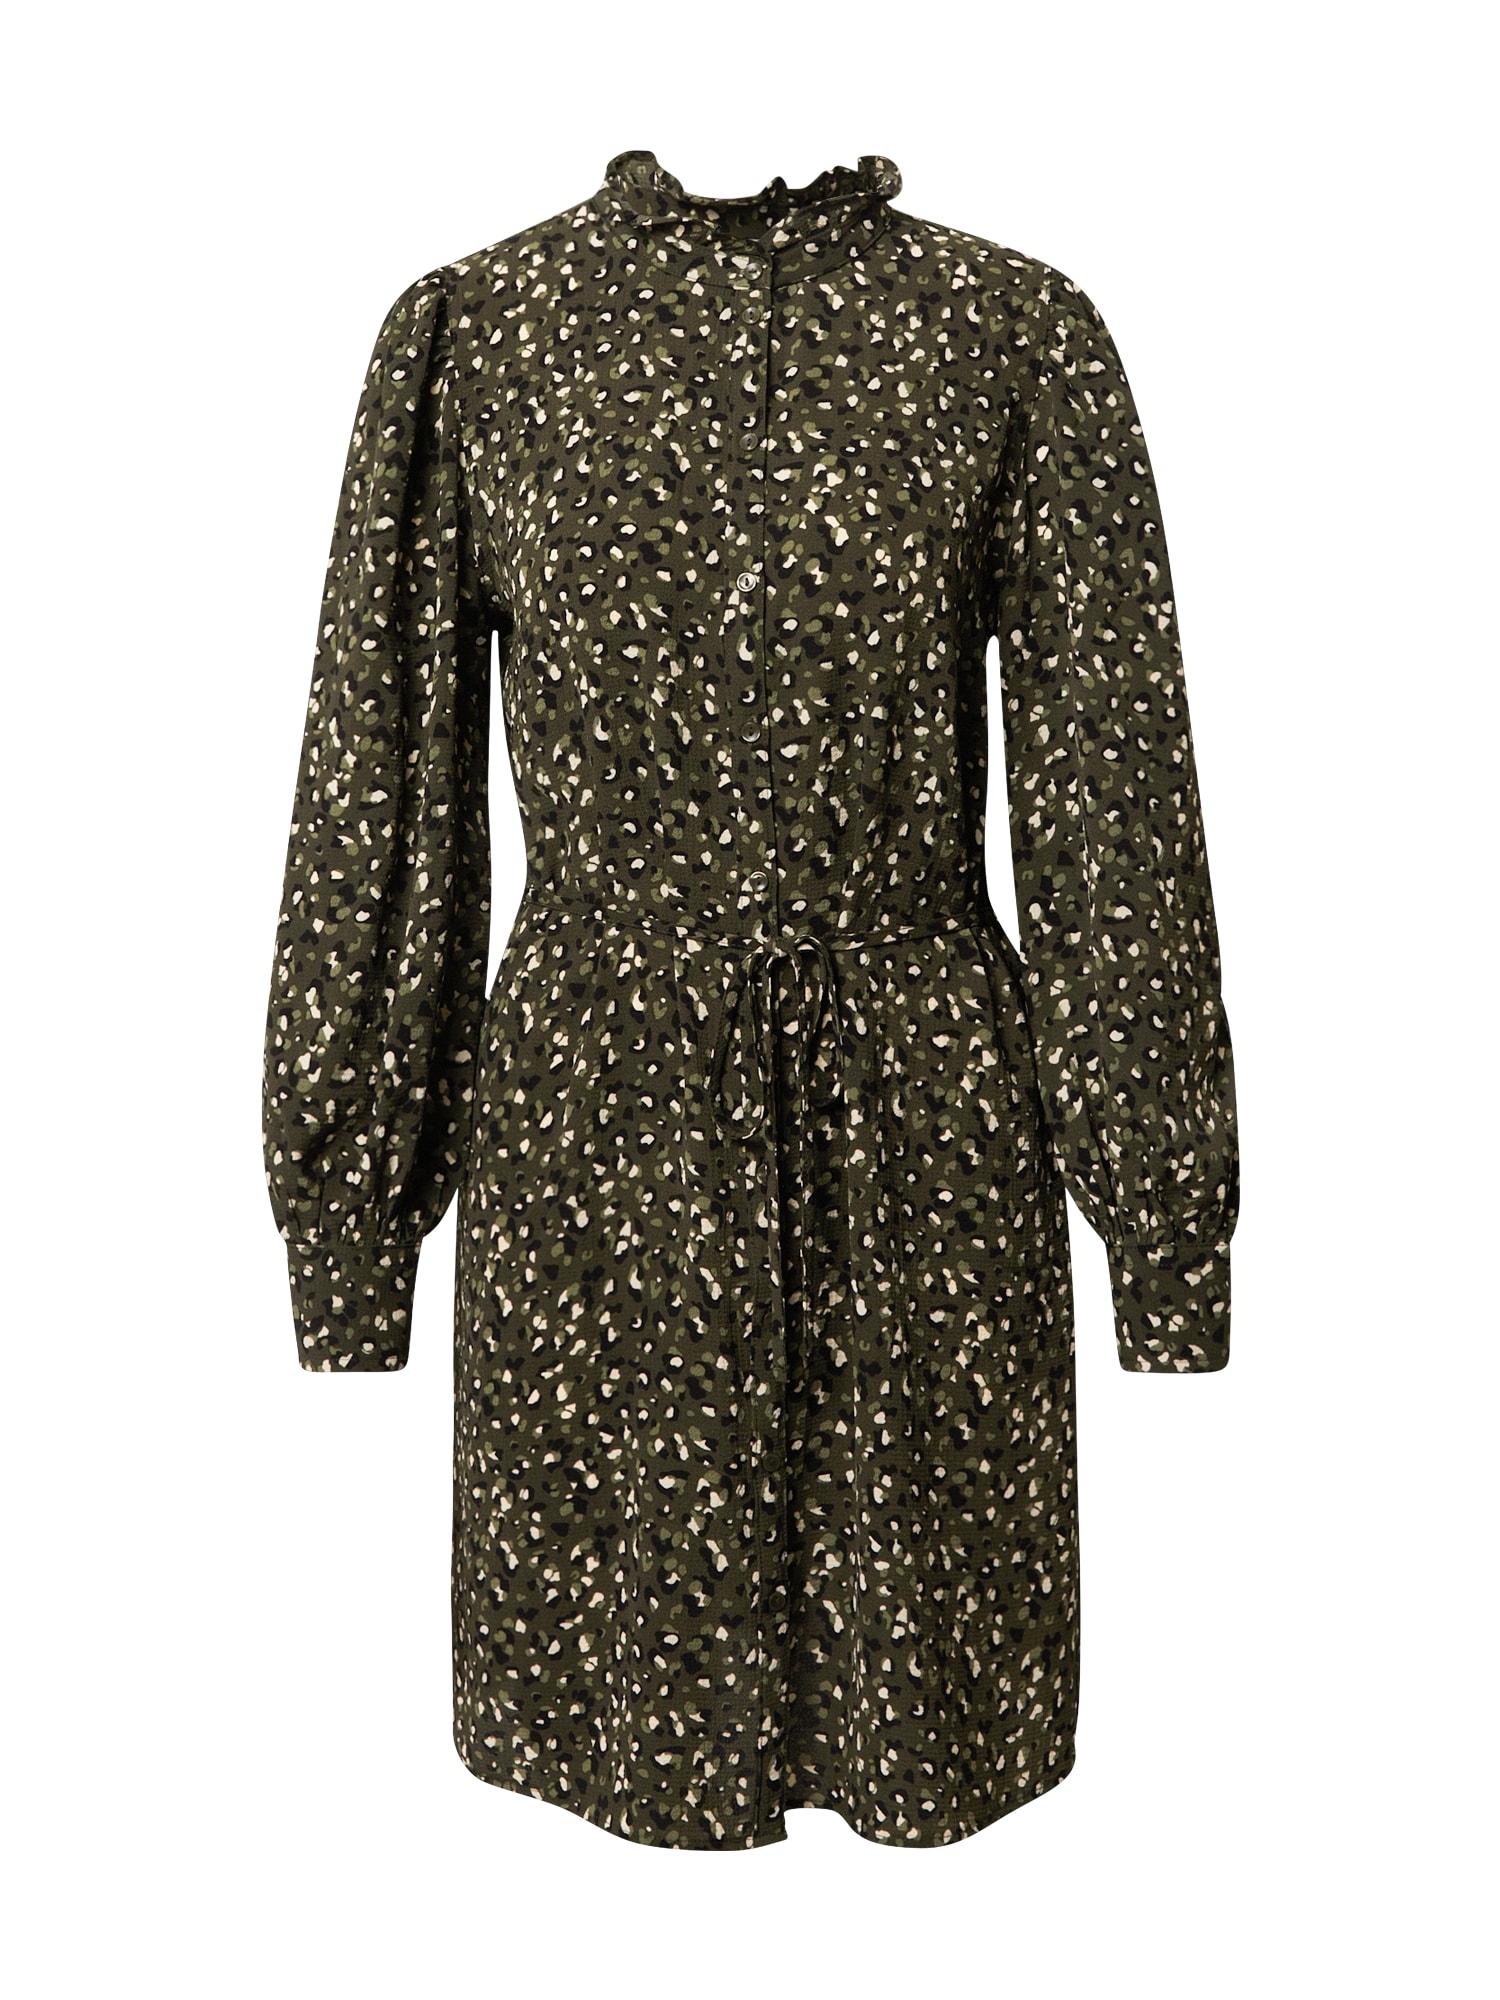 JACQUELINE de YONG Palaidinės tipo suknelė tamsiai žalia / balta / juoda / šviesiai žalia